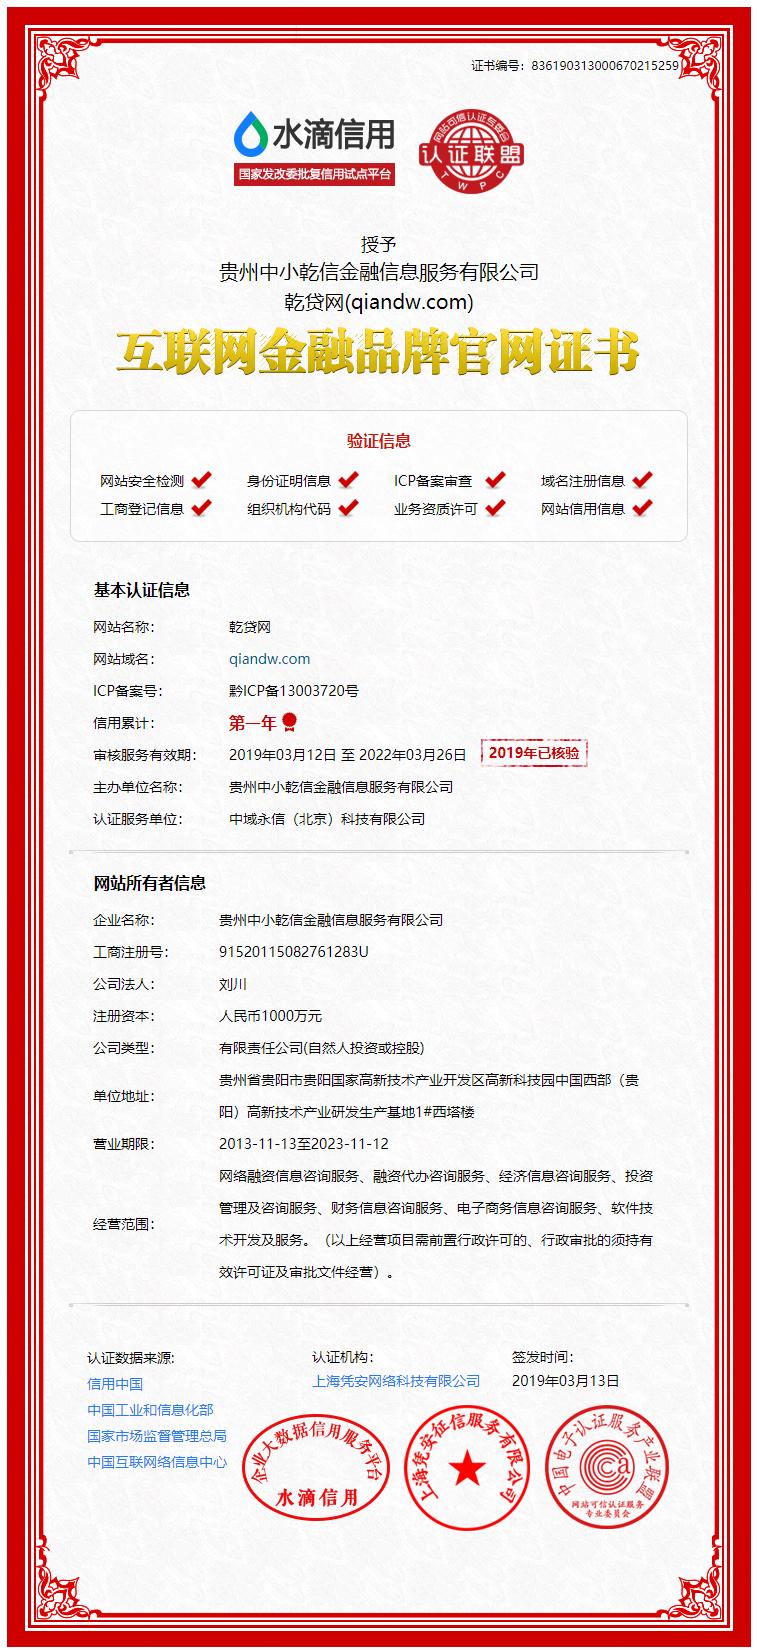 """315殊荣!乾贷网荣获""""互联网金融品牌官网""""认证"""